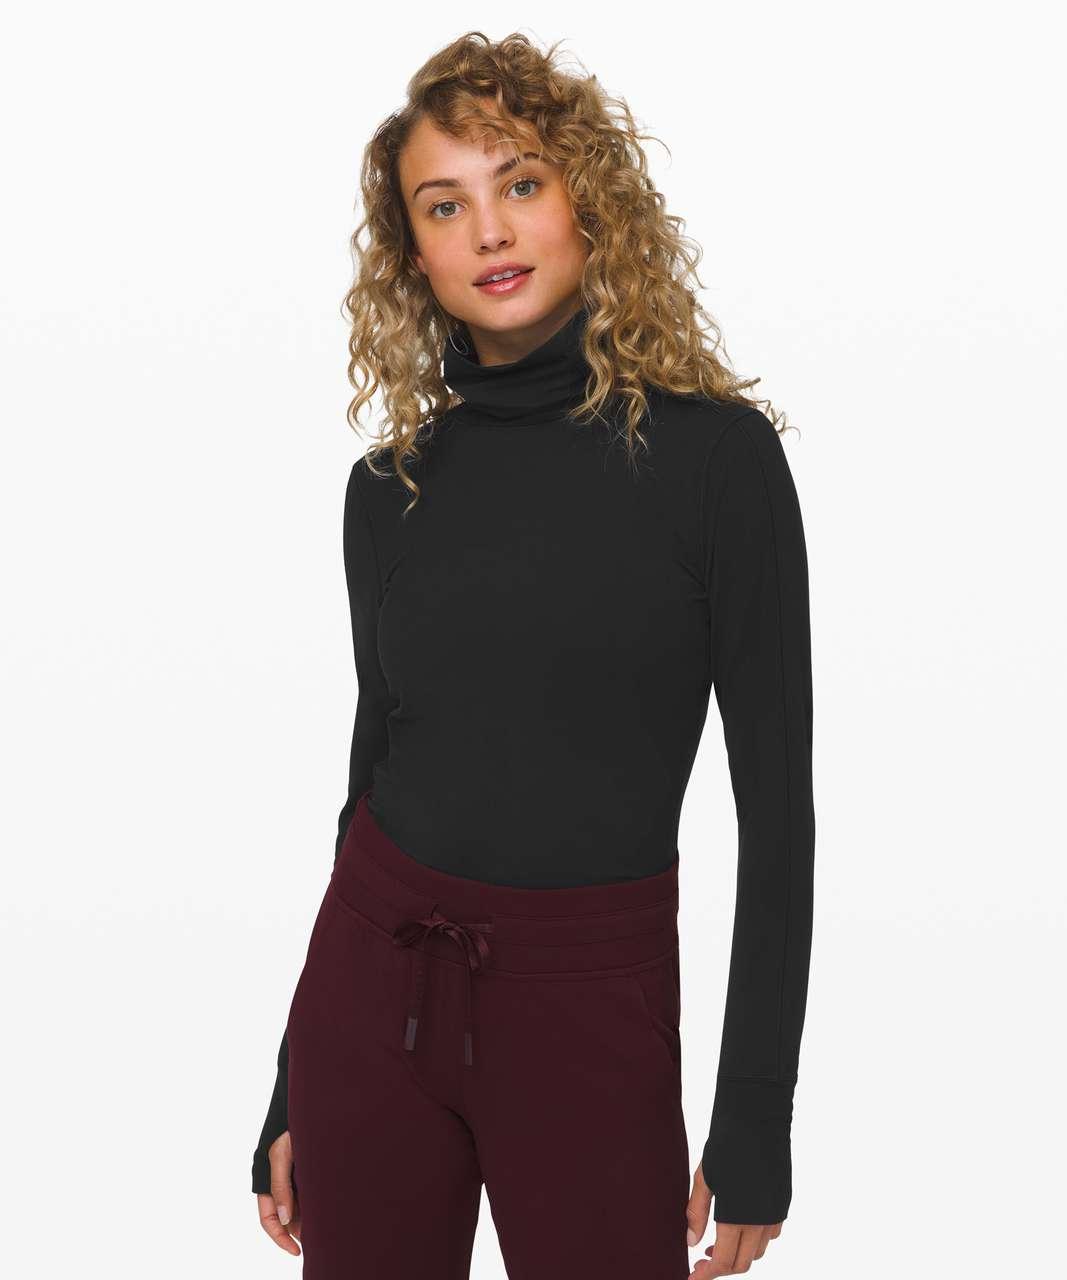 Lululemon Rest Refined Bodysuit - Black